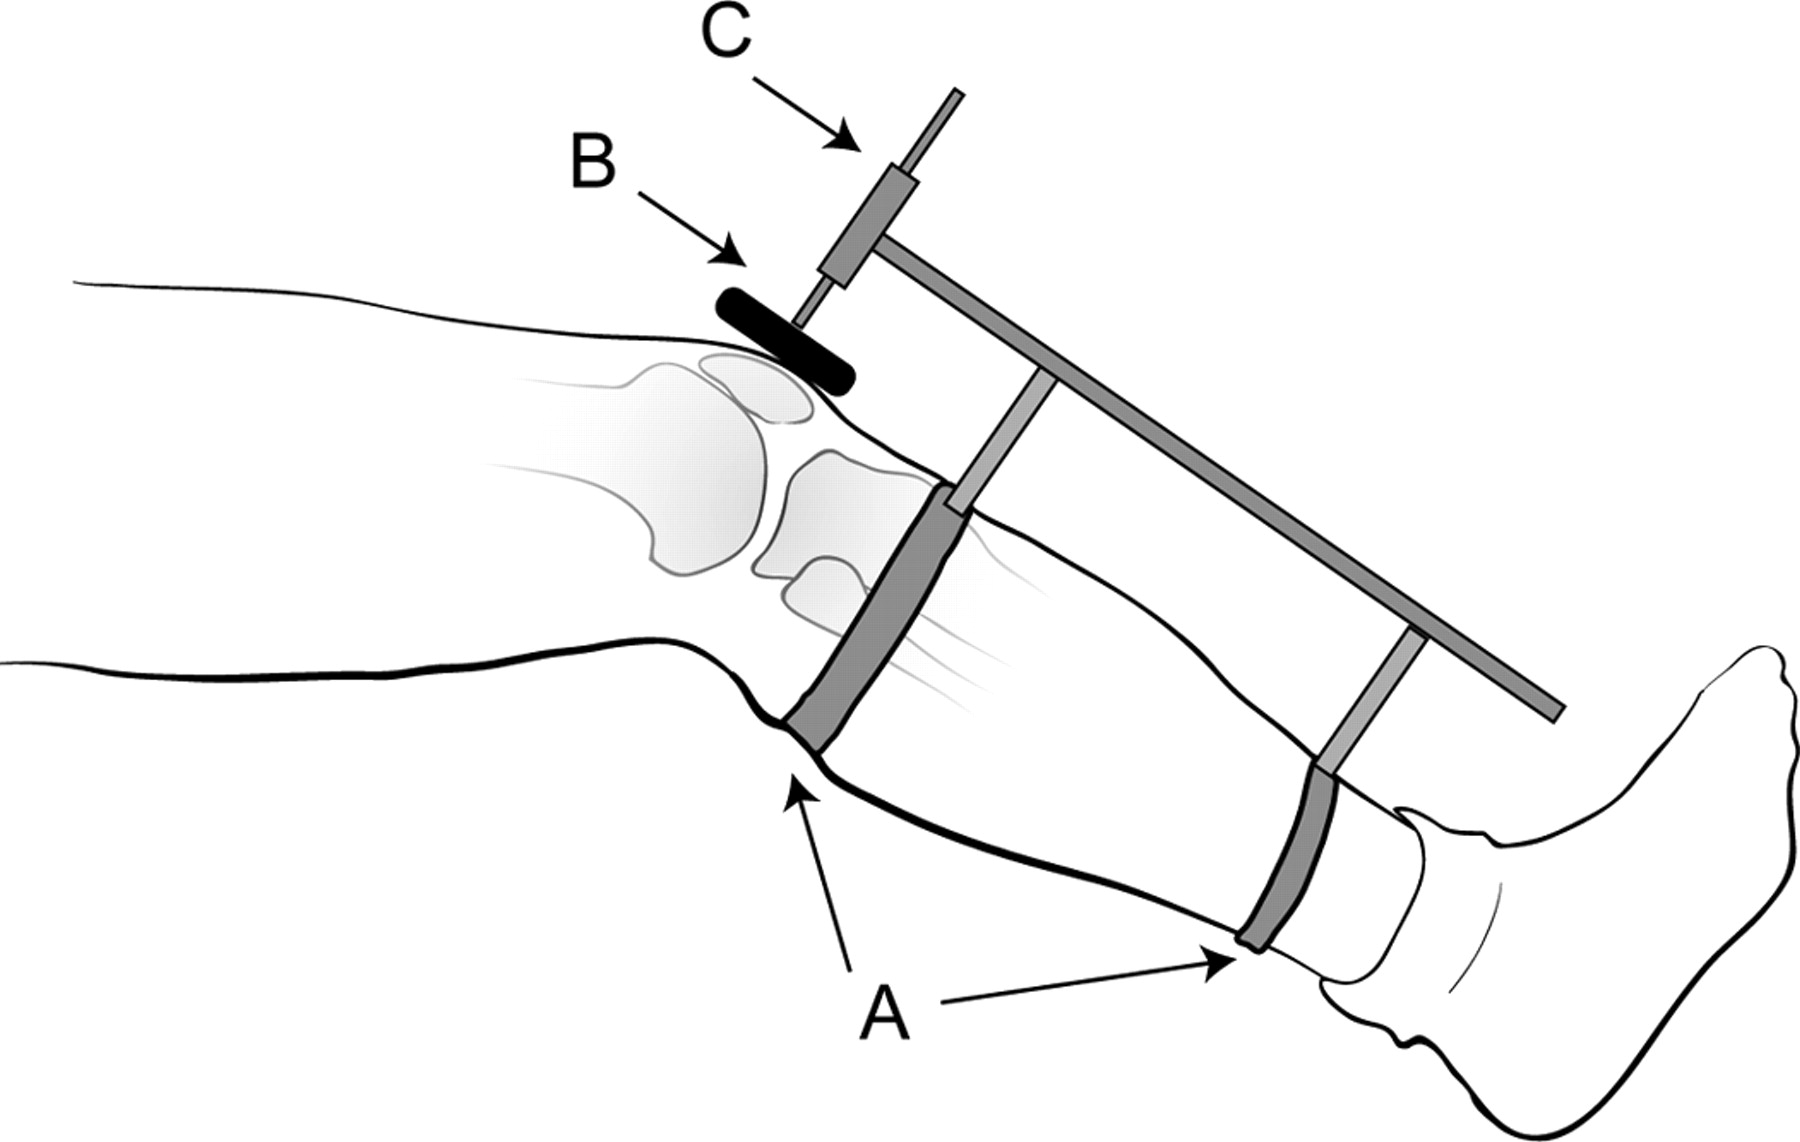 Stryker Knee Laxity Testing Instrument